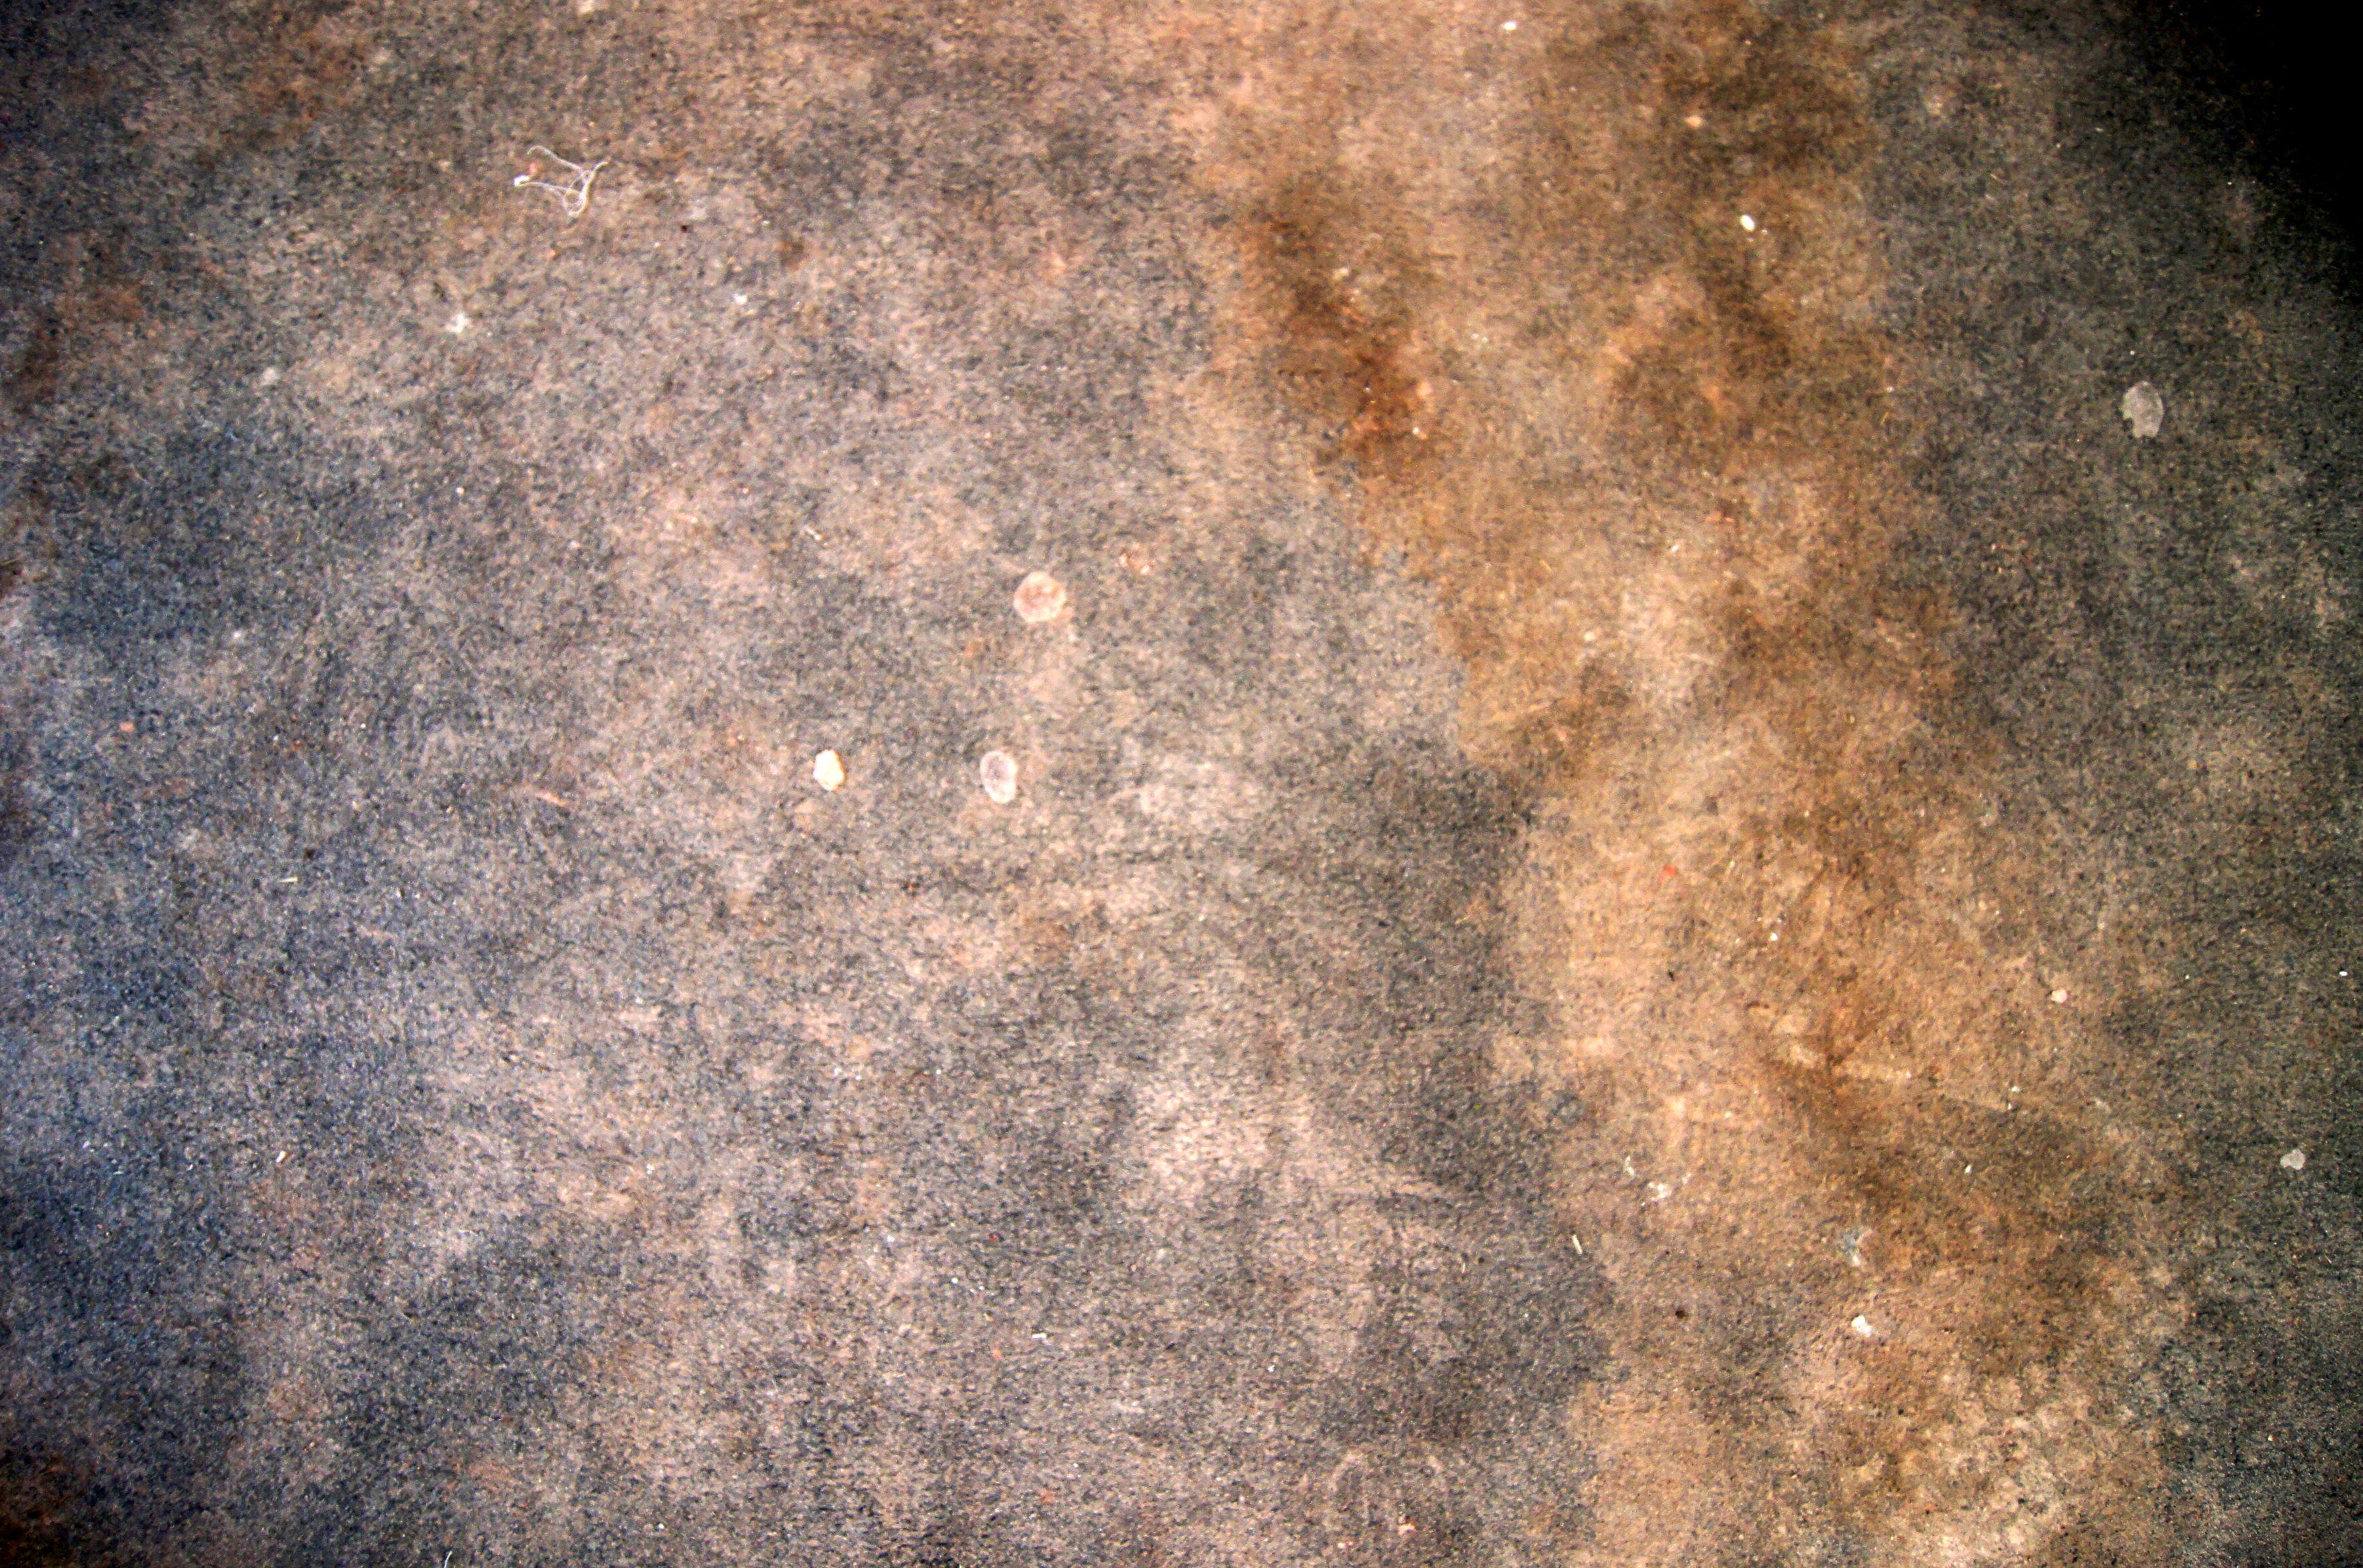 Grimy linoleum floor texture 2 by bugworlds on deviantart for Textured linoleum flooring